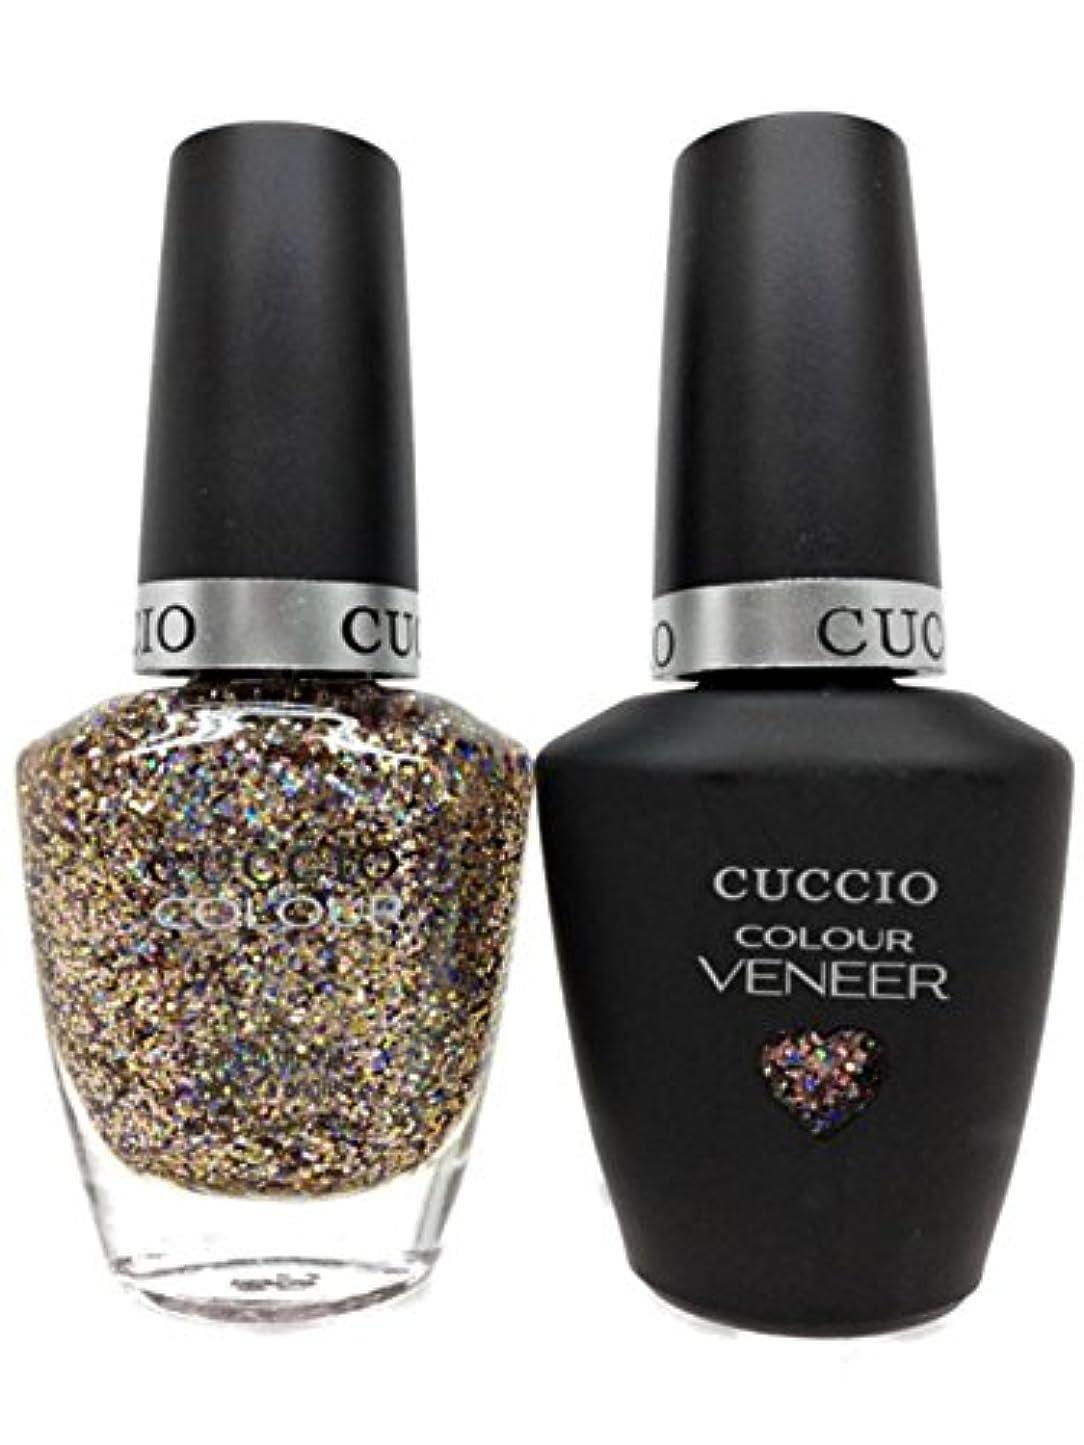 数学者郵便物水星Cuccio MatchMakers Veneer & Lacquer - Bean There Done That! - 0.43oz / 13ml Each